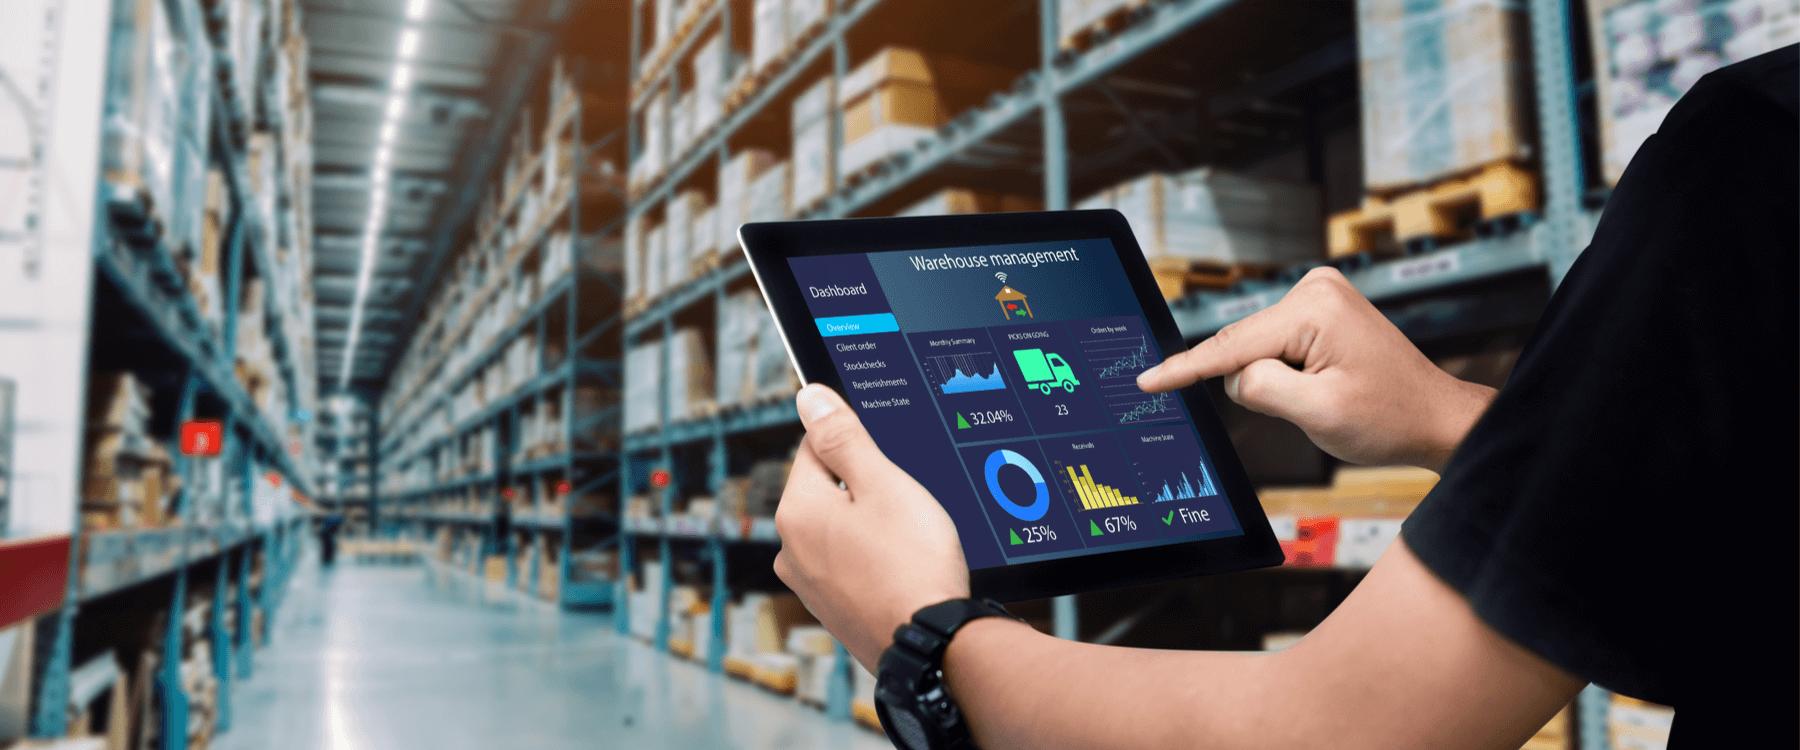 Készletoptimalizálás az elektronikai nagykereskedelemben.